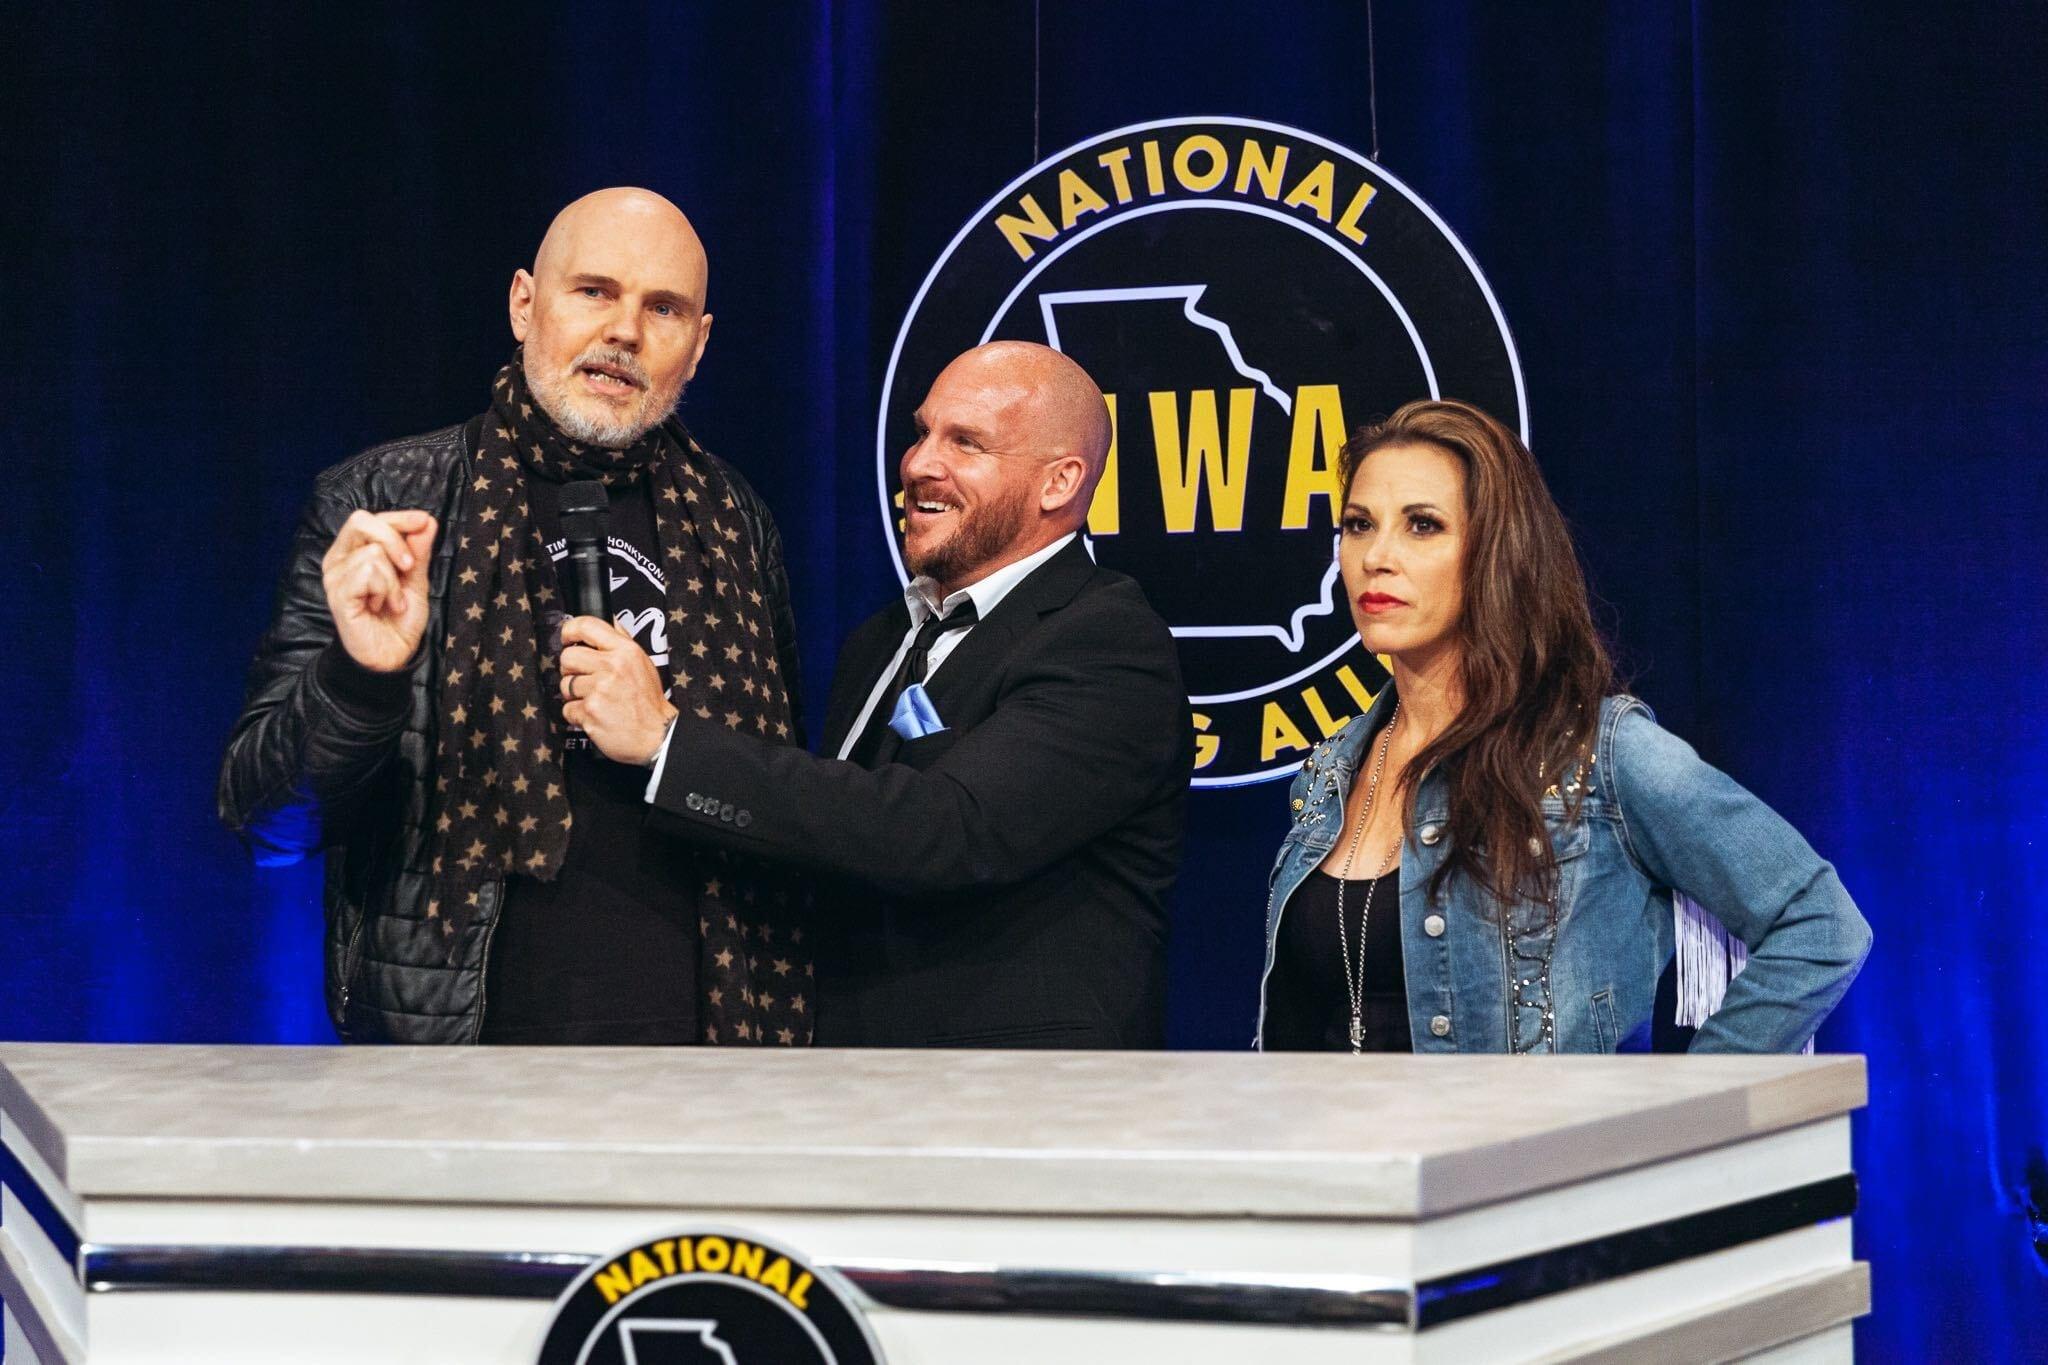 Another Week of Wrestling 6, WWE, AEW, Wresrling, Mickie James